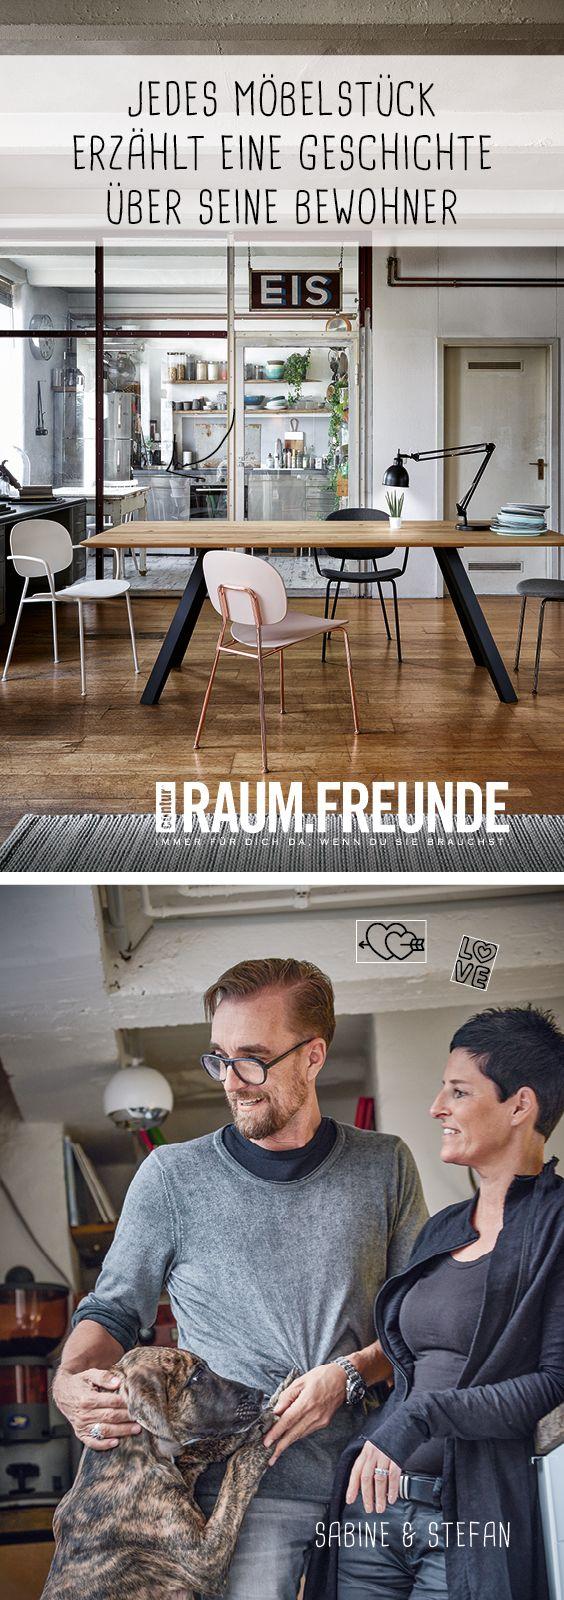 Elegant Was Sagen Deine Möbel über Dich Aus? Vielleicht, Dass Du Den  Skandinavischen Stil In Deiner Wohnung Liebst. So Wie Die Sofas, Esstische  Und Sessel Von RAUM.